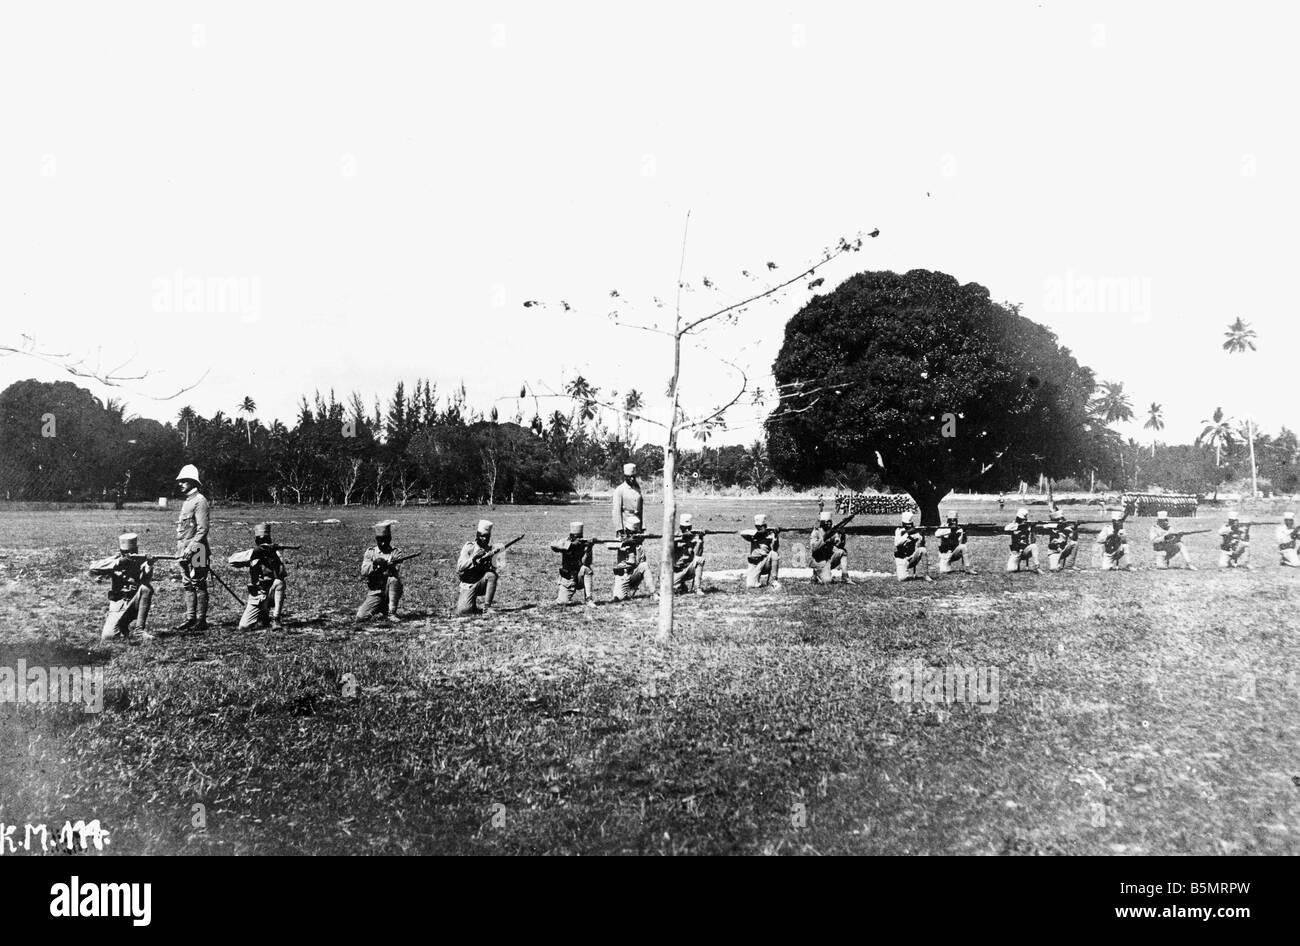 9AF 1914 0 0 A1 1 ausiliario di truppe tedesche in Africa orientale la Prima Guerra Mondiale la guerra nelle colonie tedesche in Africa orientale oggi la formazione della Tanzania Foto Stock